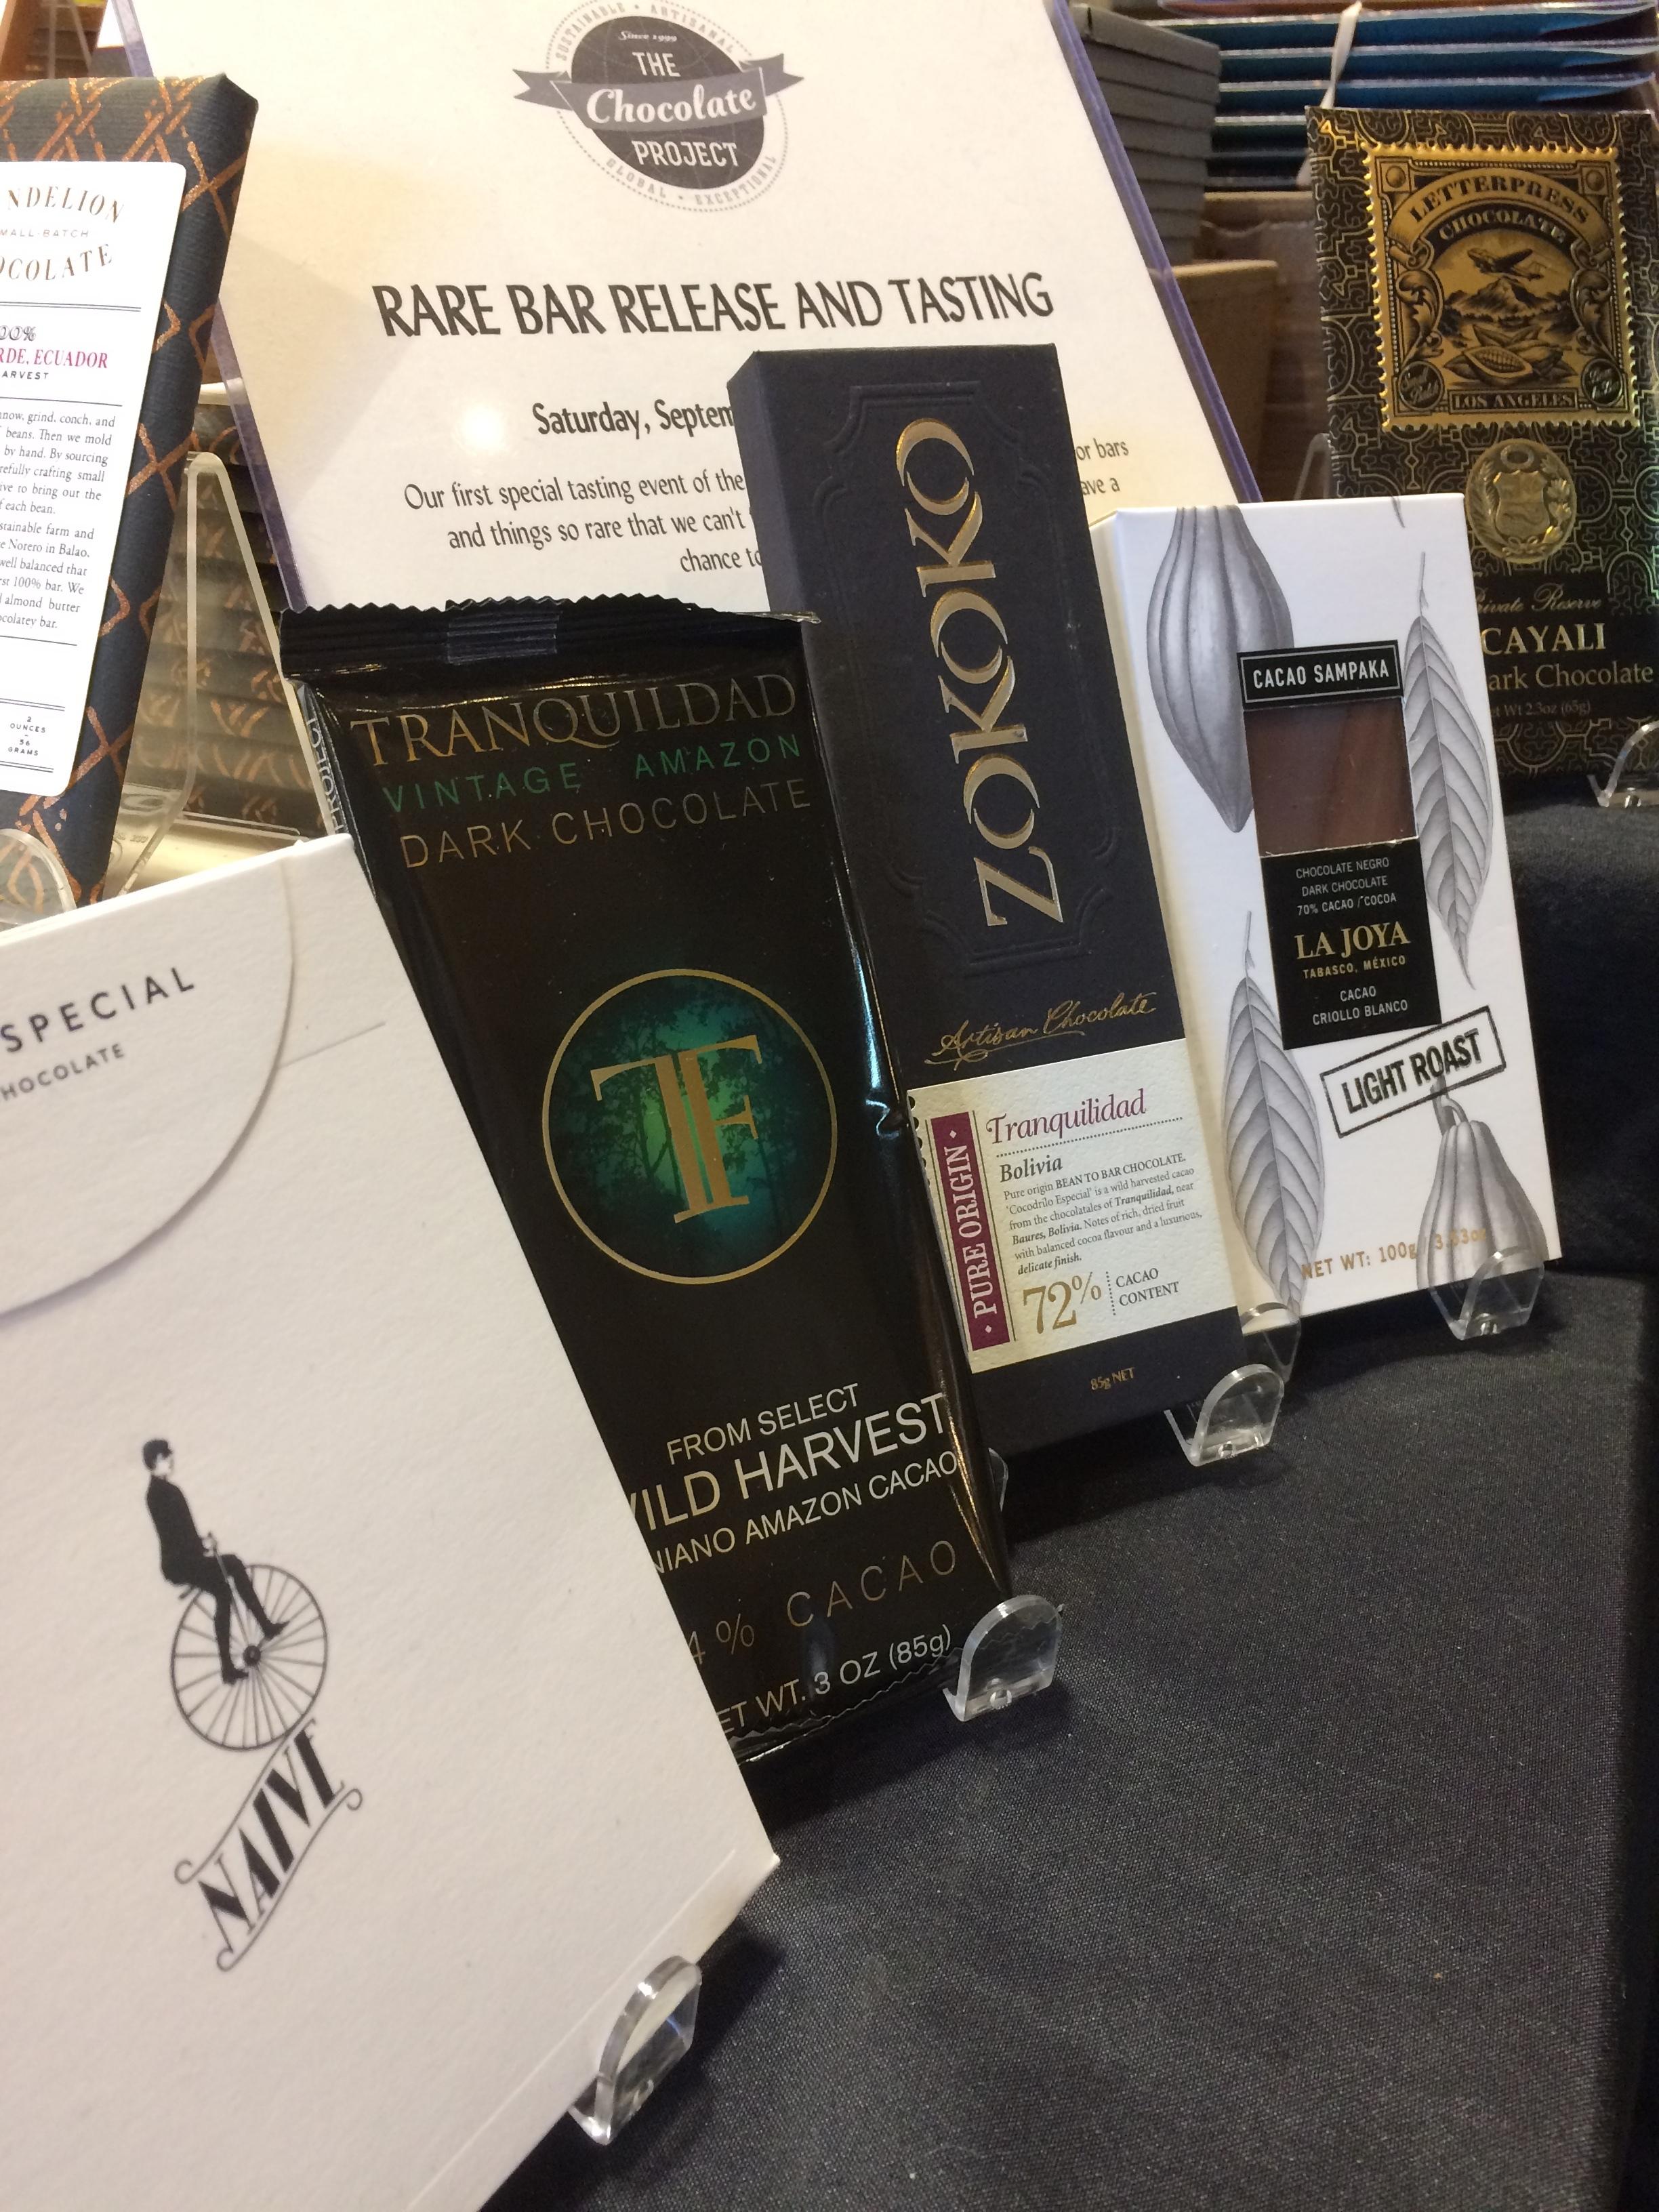 September Rare Bar Release